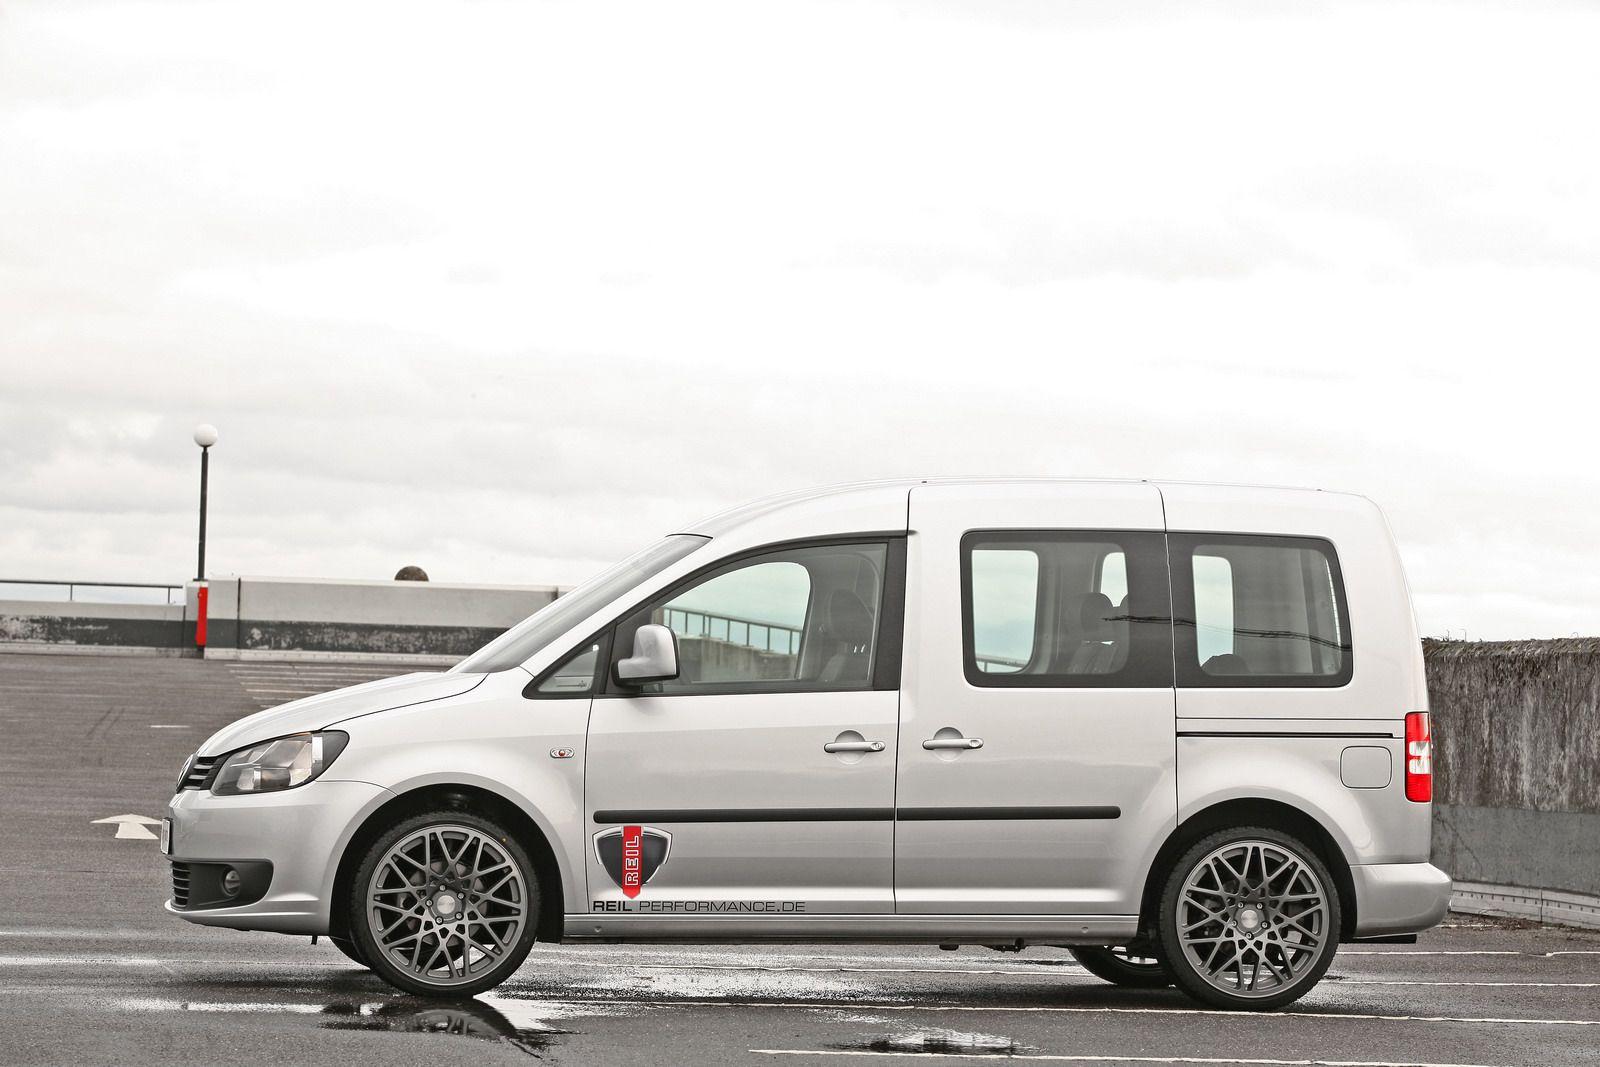 VW-Caddy-tuning-3.jpg (1600×1067)